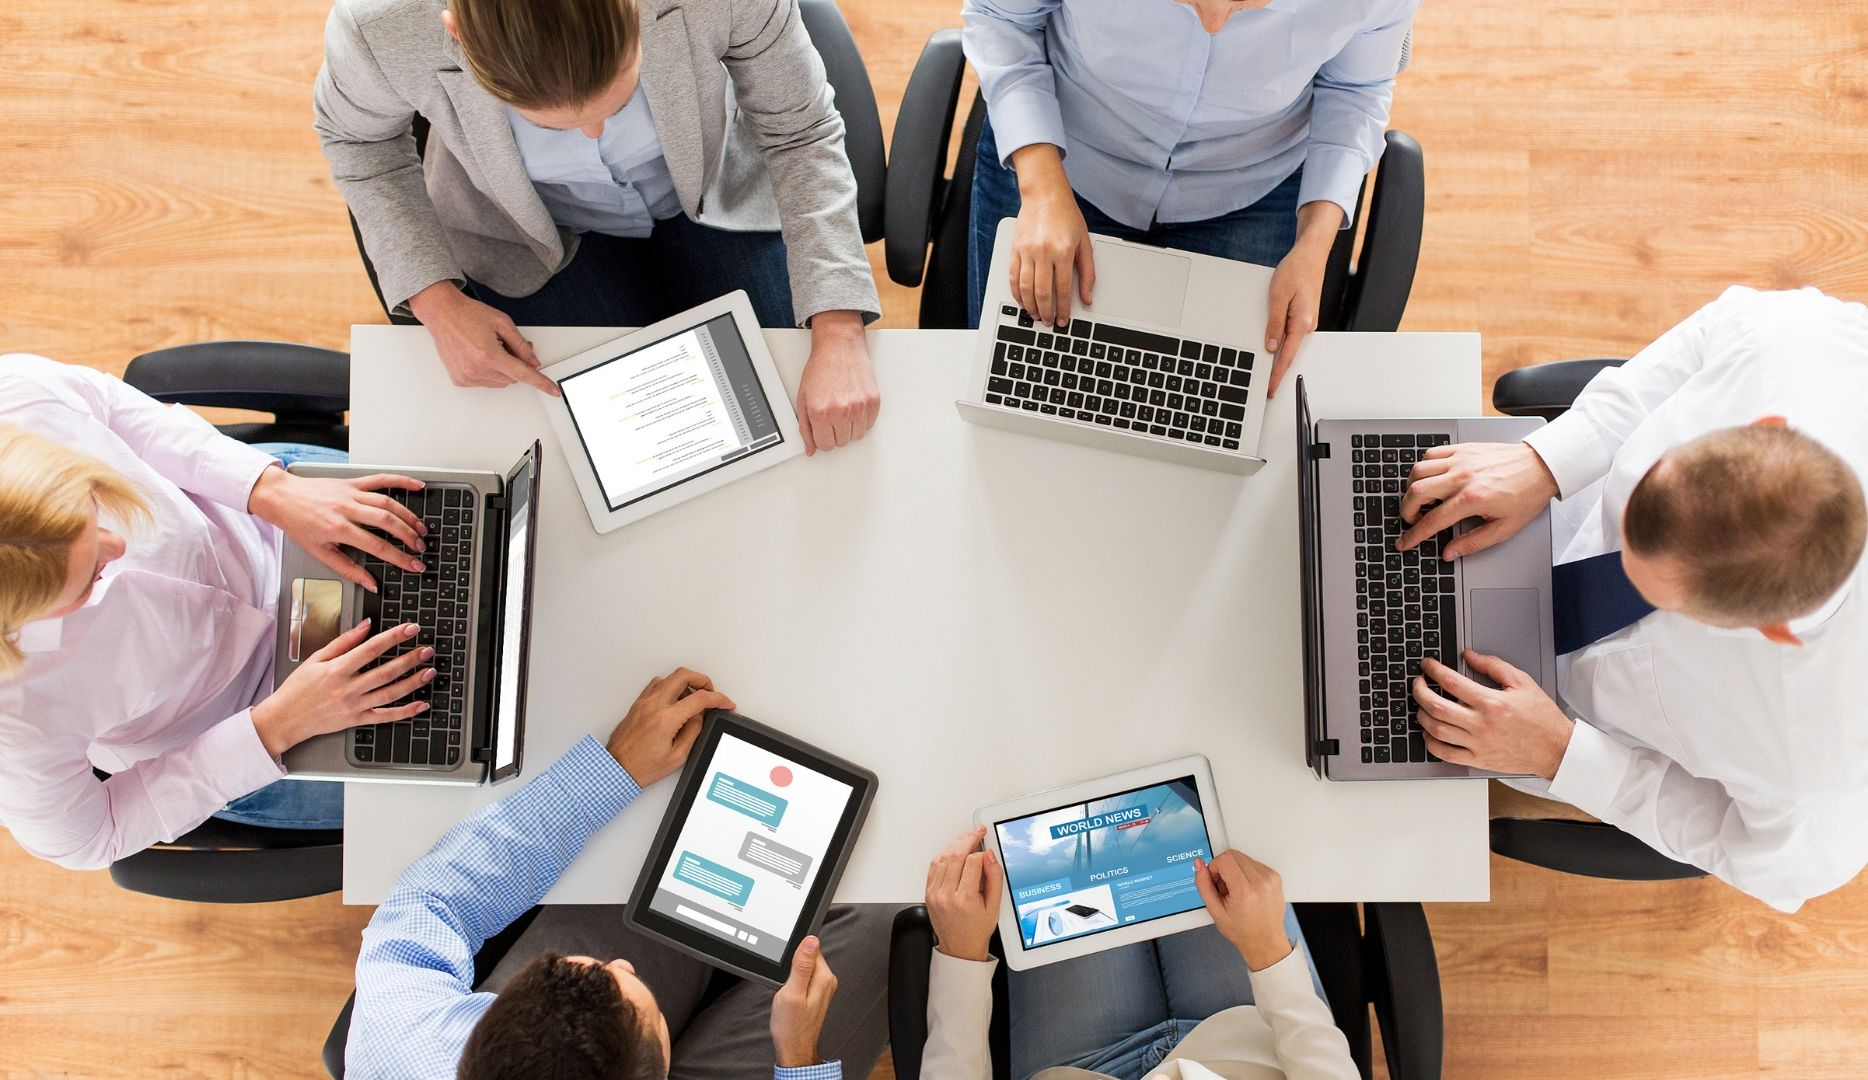 Лучшие функции инструментов, необходимые малому бизнесу для эффективной работы